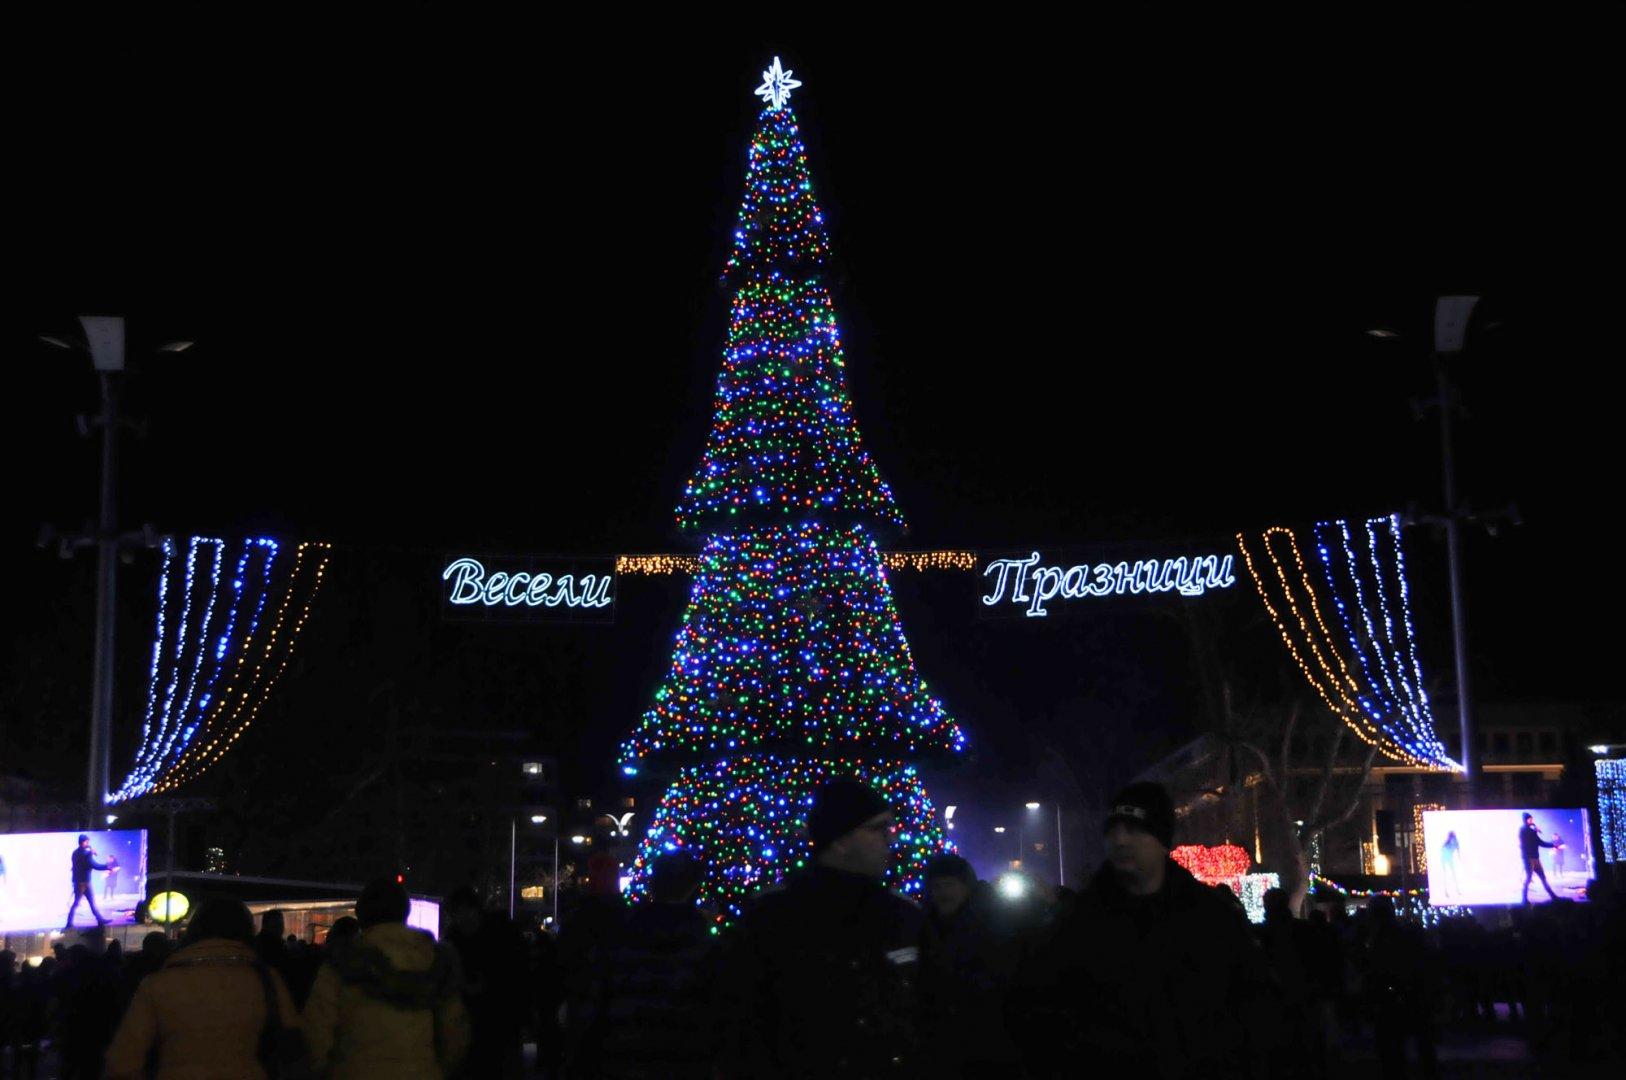 Най-чаканият концерт в Бургас е този на празника на града - Никулден. Снимки Лина Главинова